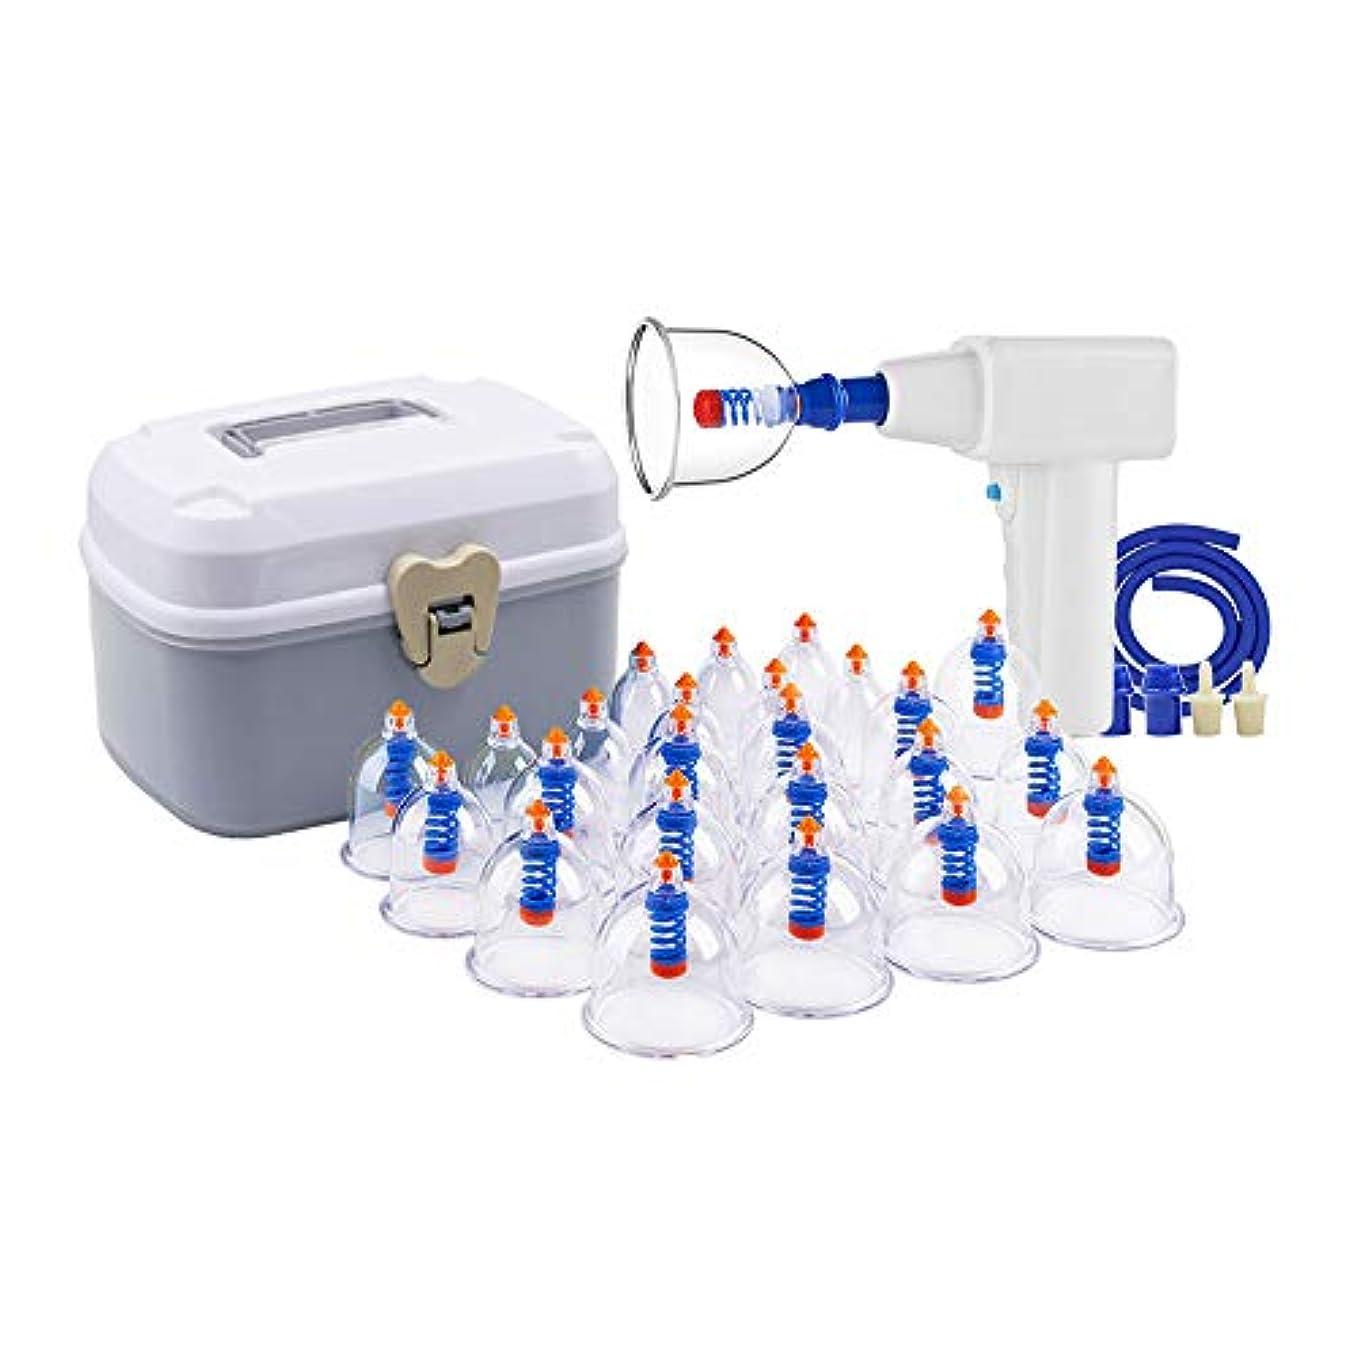 カッピング装置 - 家庭用電気プロフェッショナルカッピング治療装置24カップは、大人と高齢者に適したポンプと伸展チューブで設定 美しさ